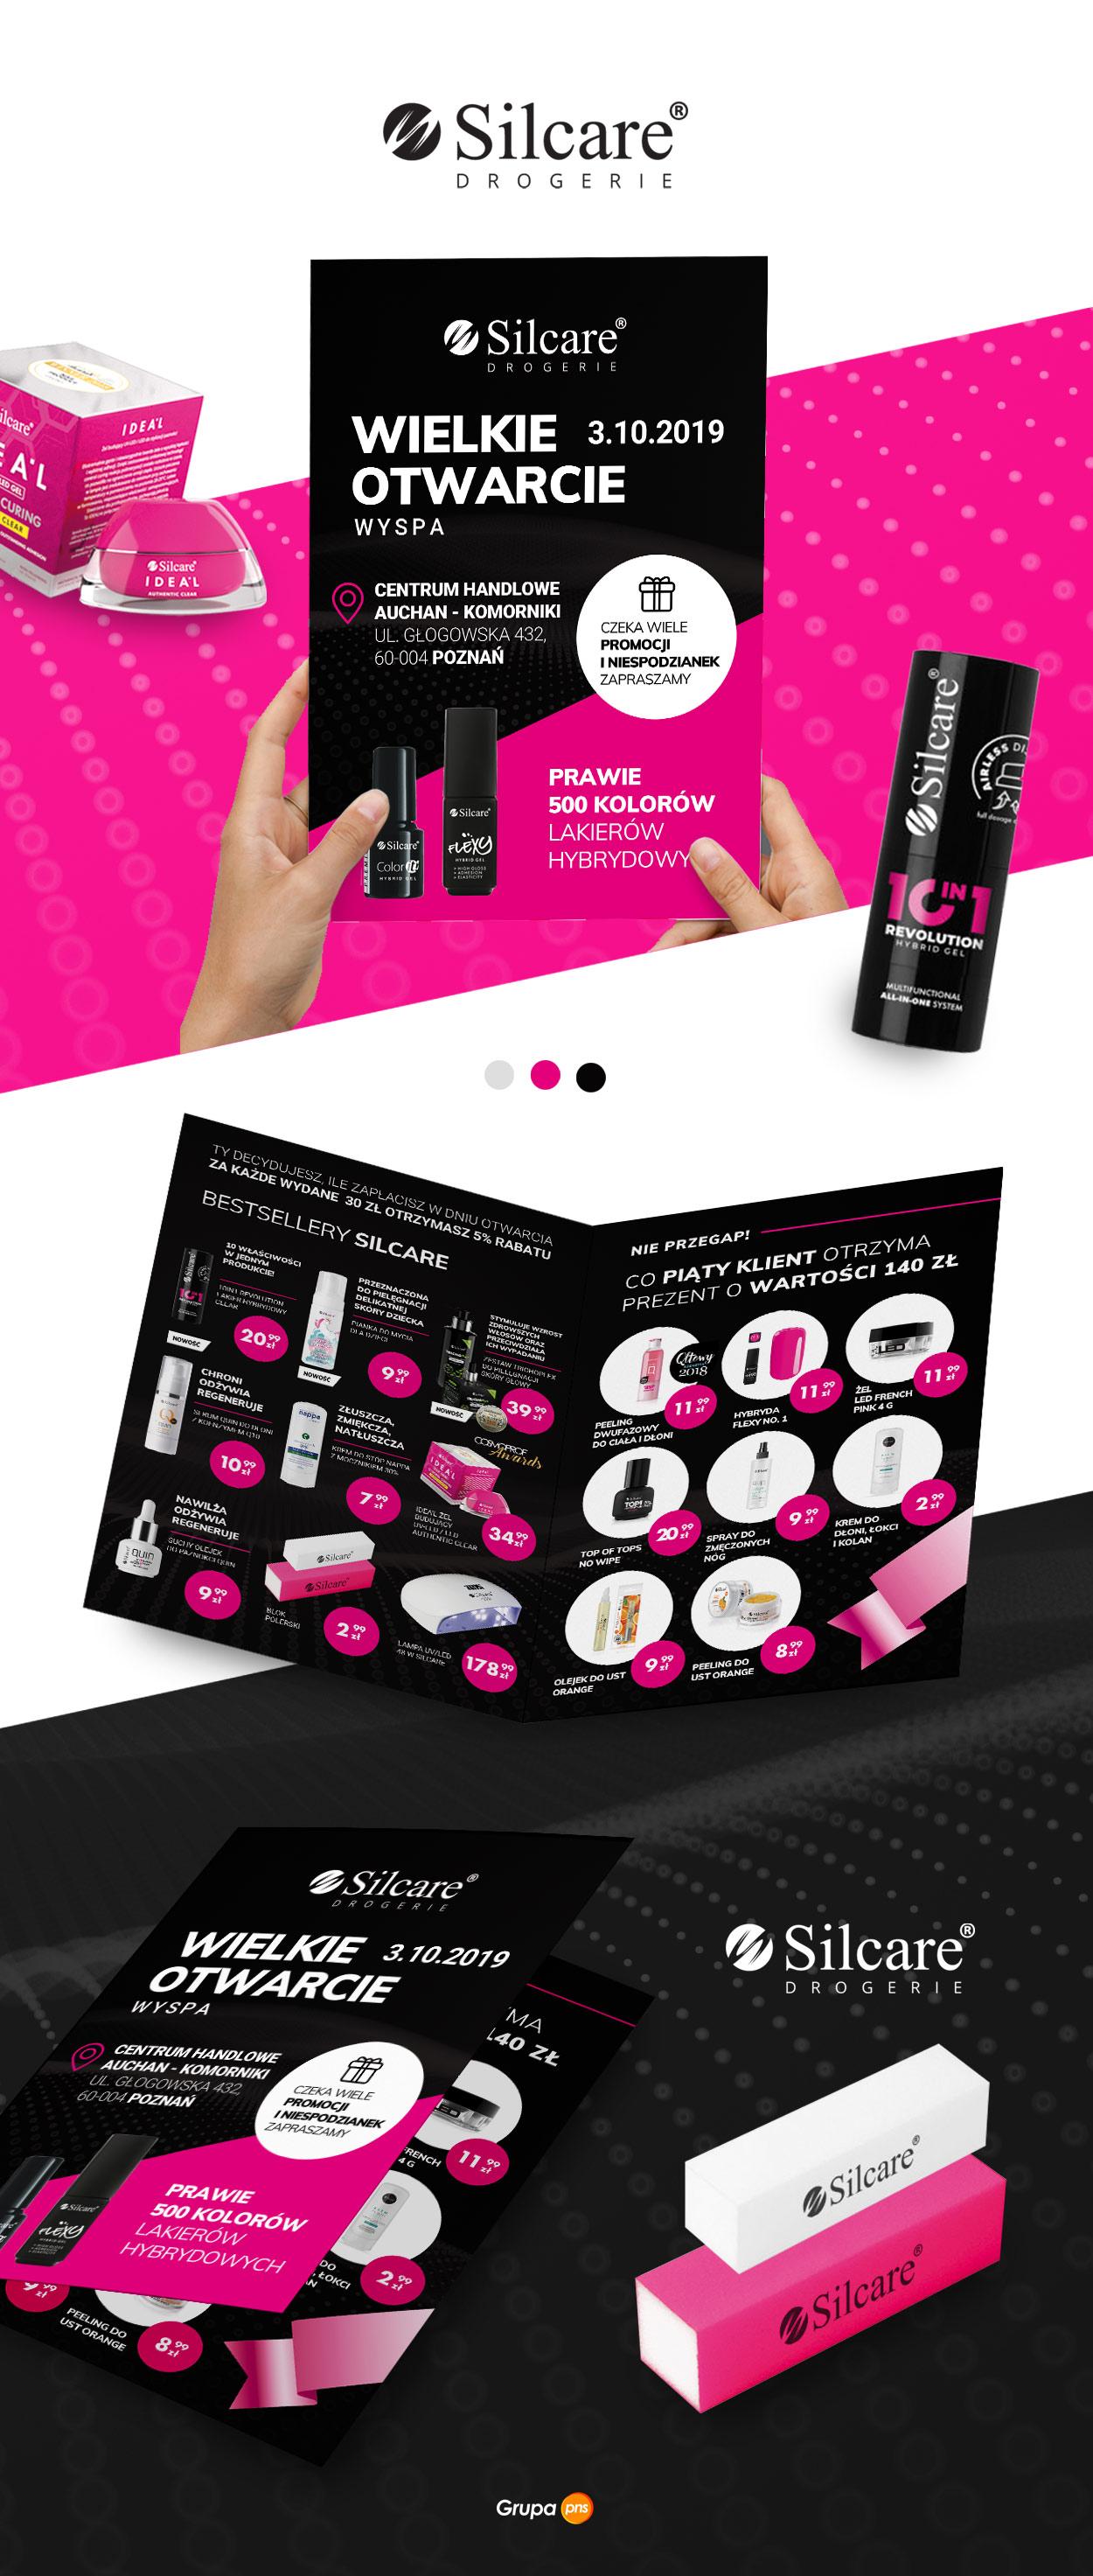 projekt-graficzny-ulotka-reklamowa-producent-kosmetykow-silcare